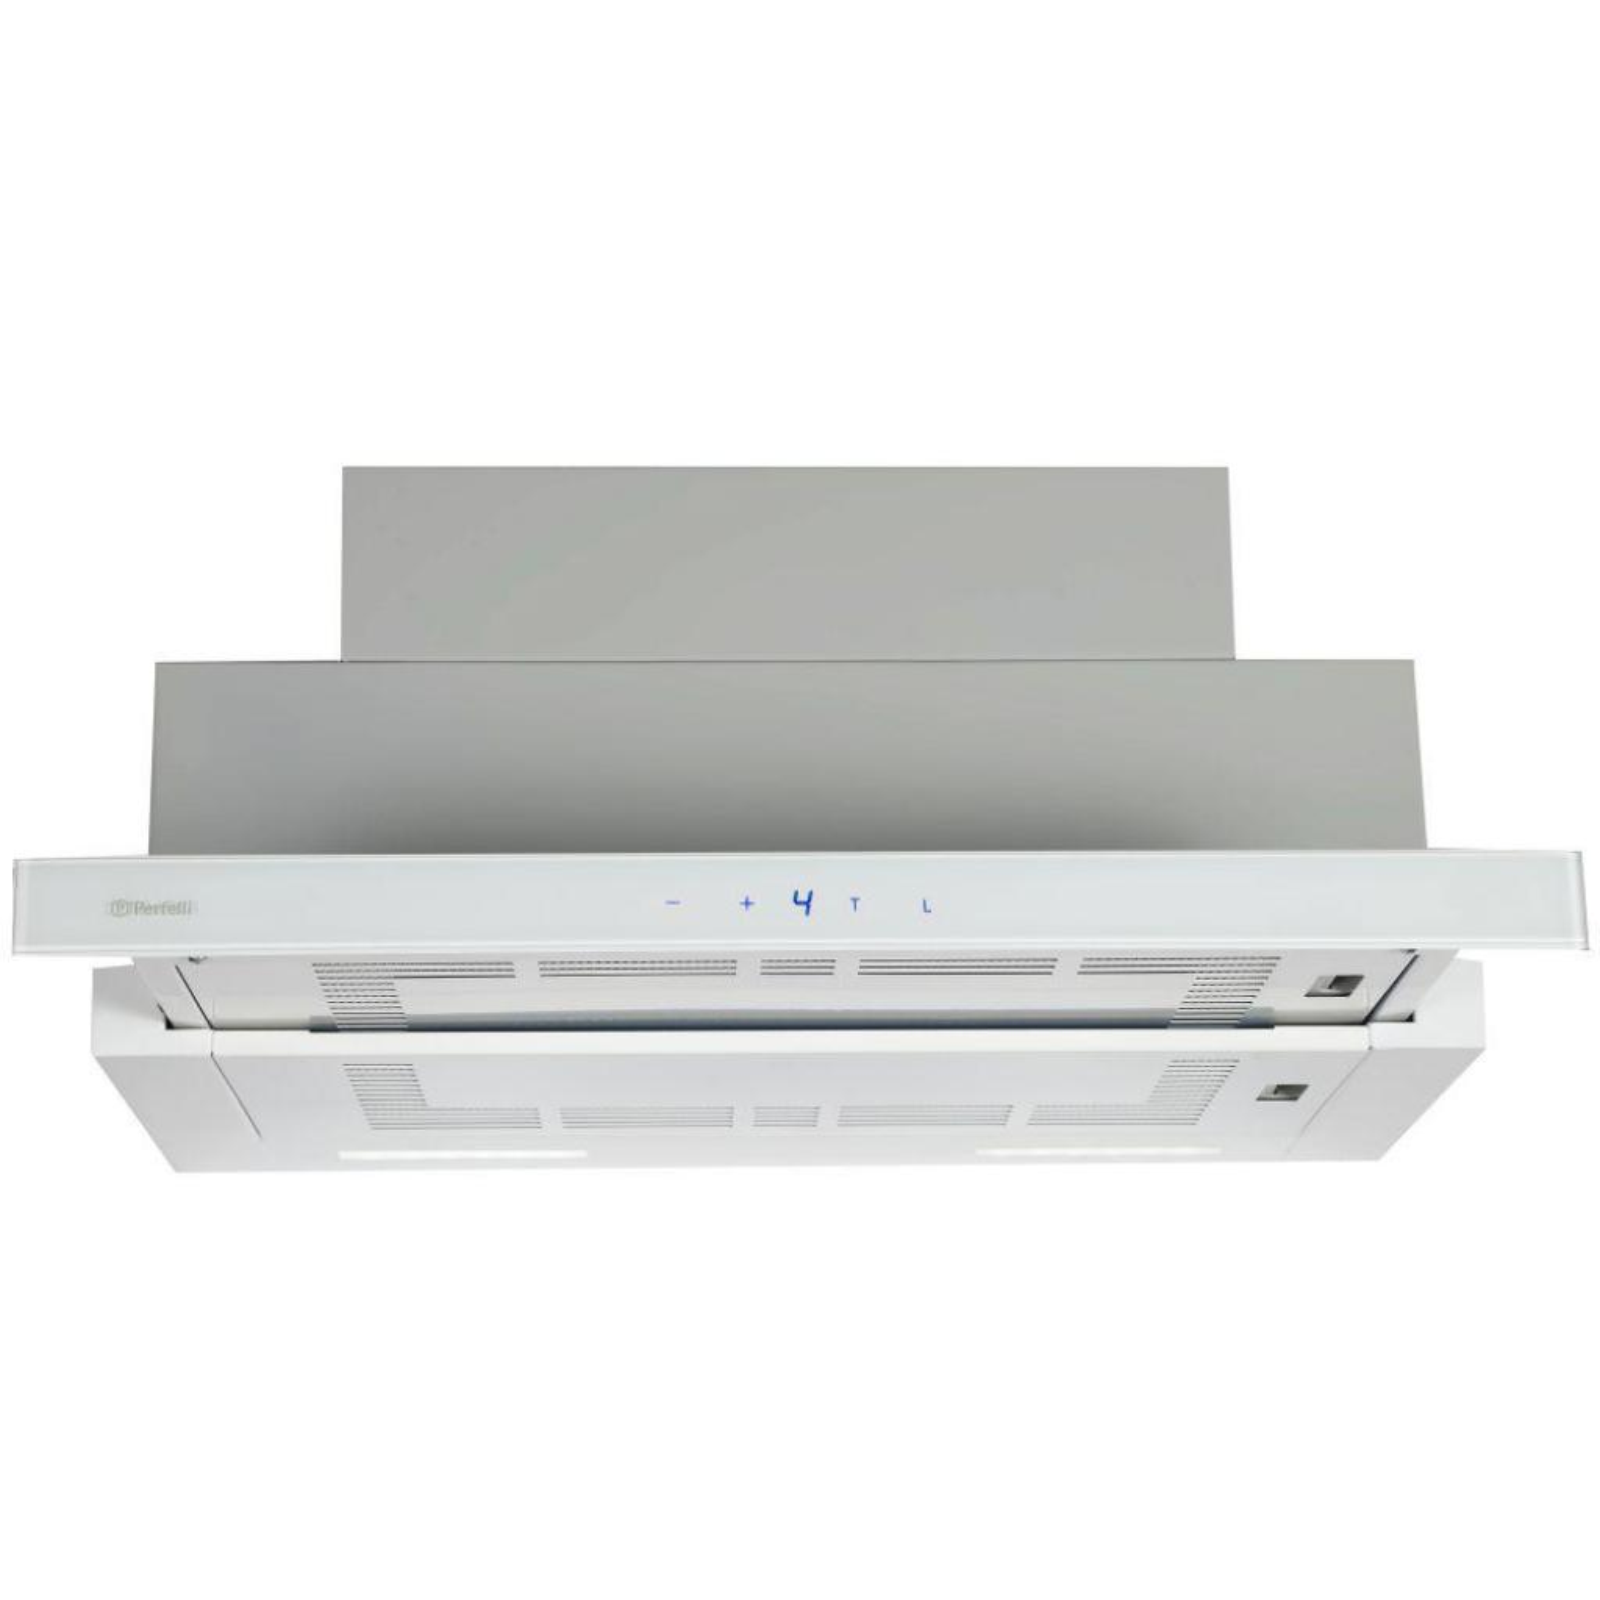 Вытяжка кухонная PERFELLI TLS 6833 W LED Strip